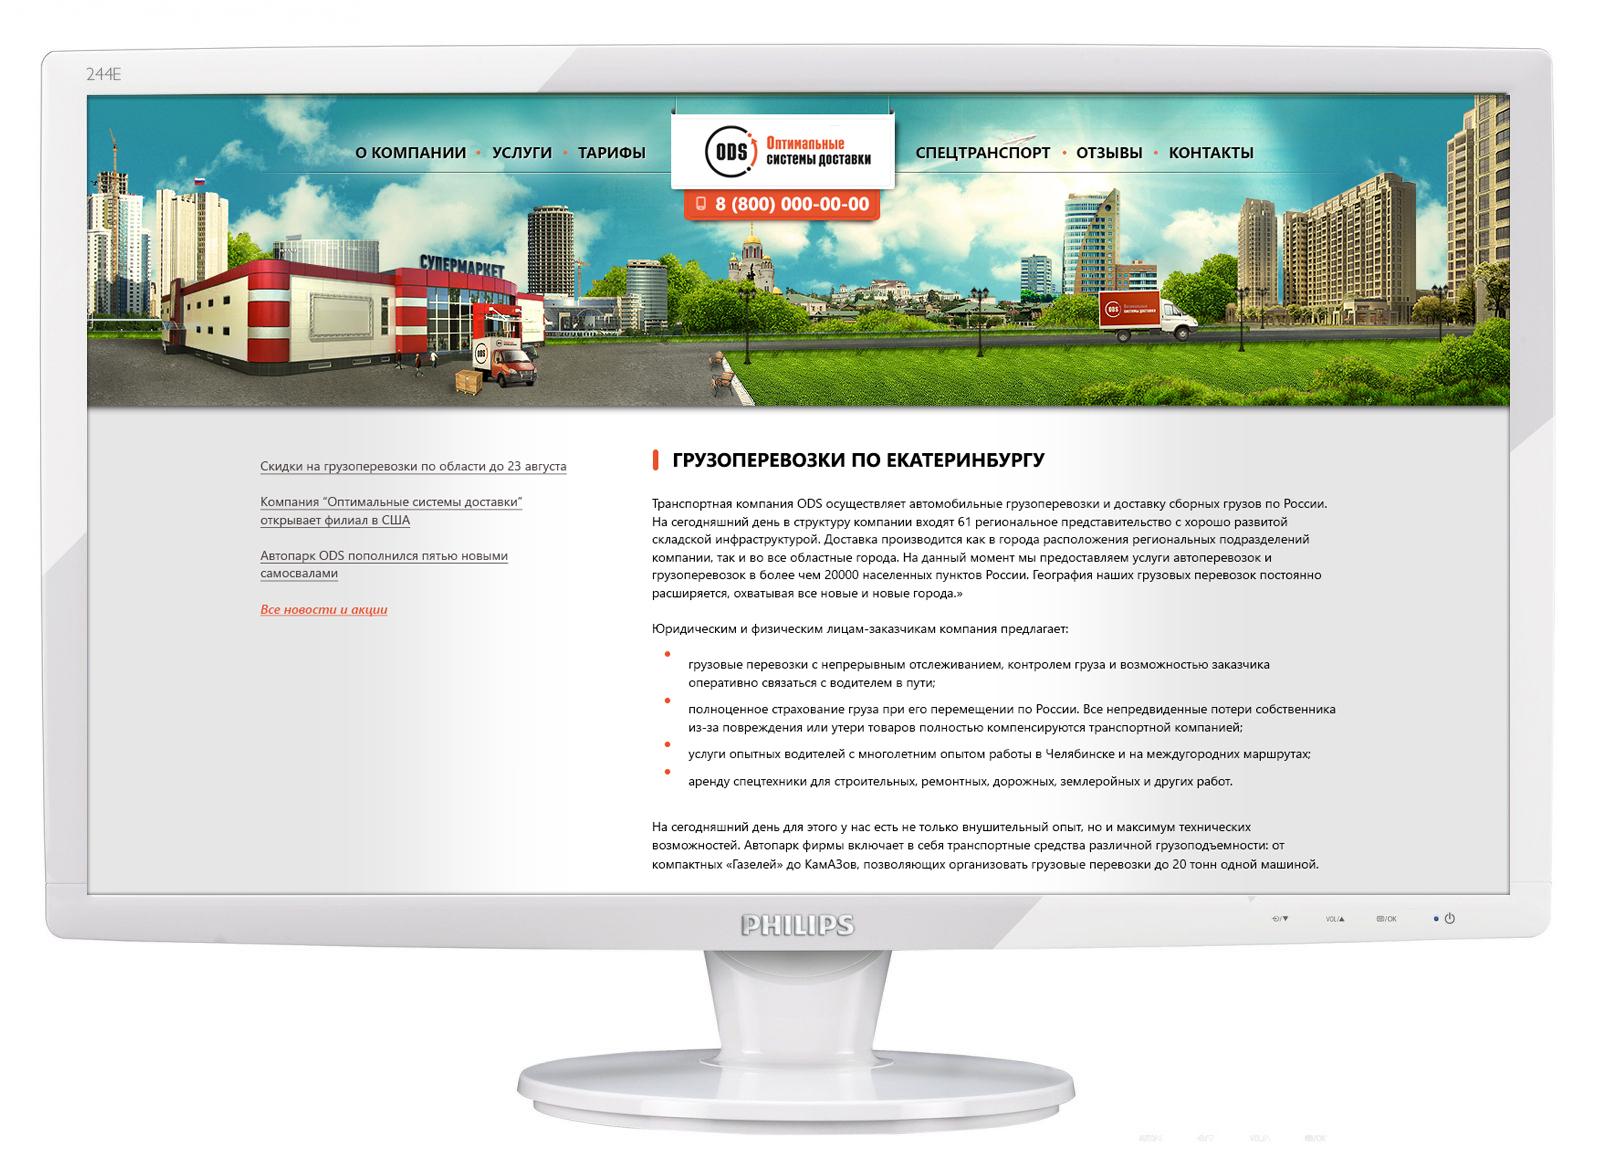 Дизайн сайта-визитки для транспортной компании фото f_88053cb969b9764a.jpg